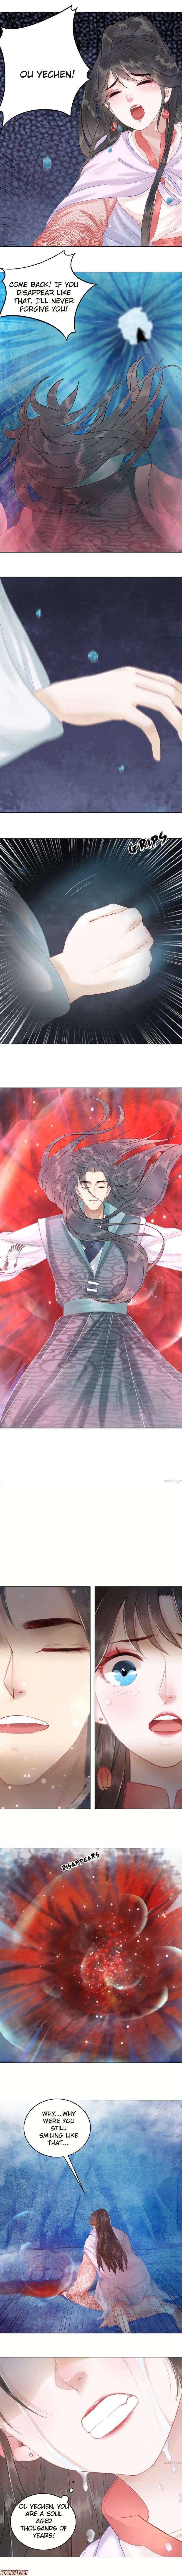 Miss Miracle Chapter 85 page 1 - Mangakakalots.com